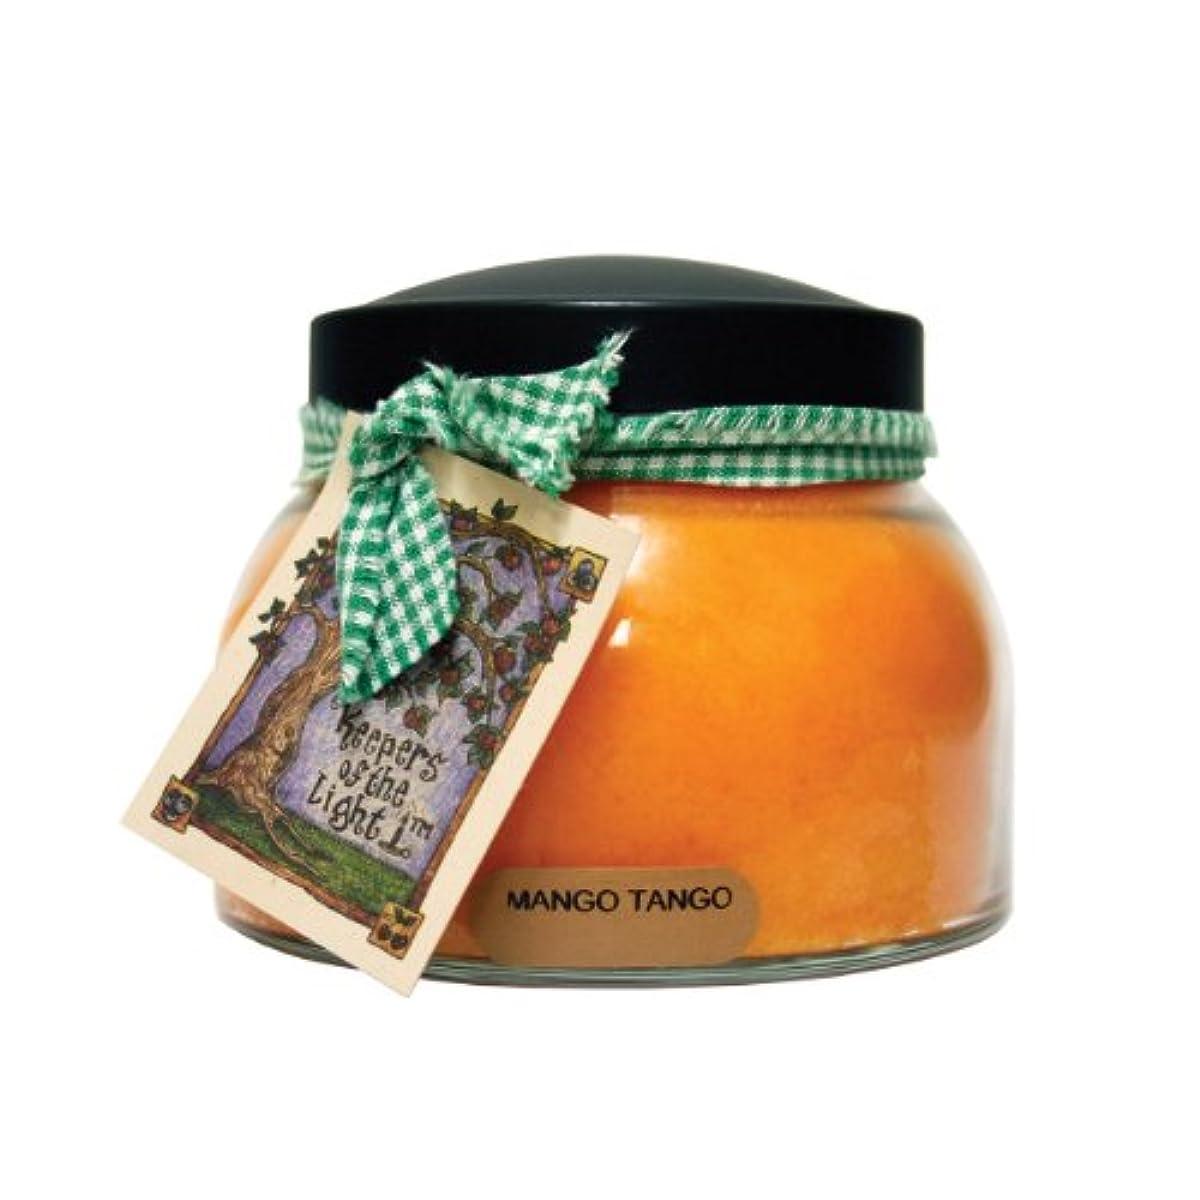 テメリティ共産主義者震えるA Cheerful Giver Mango Tango ベイビージャーキャンドル 22oz JM83